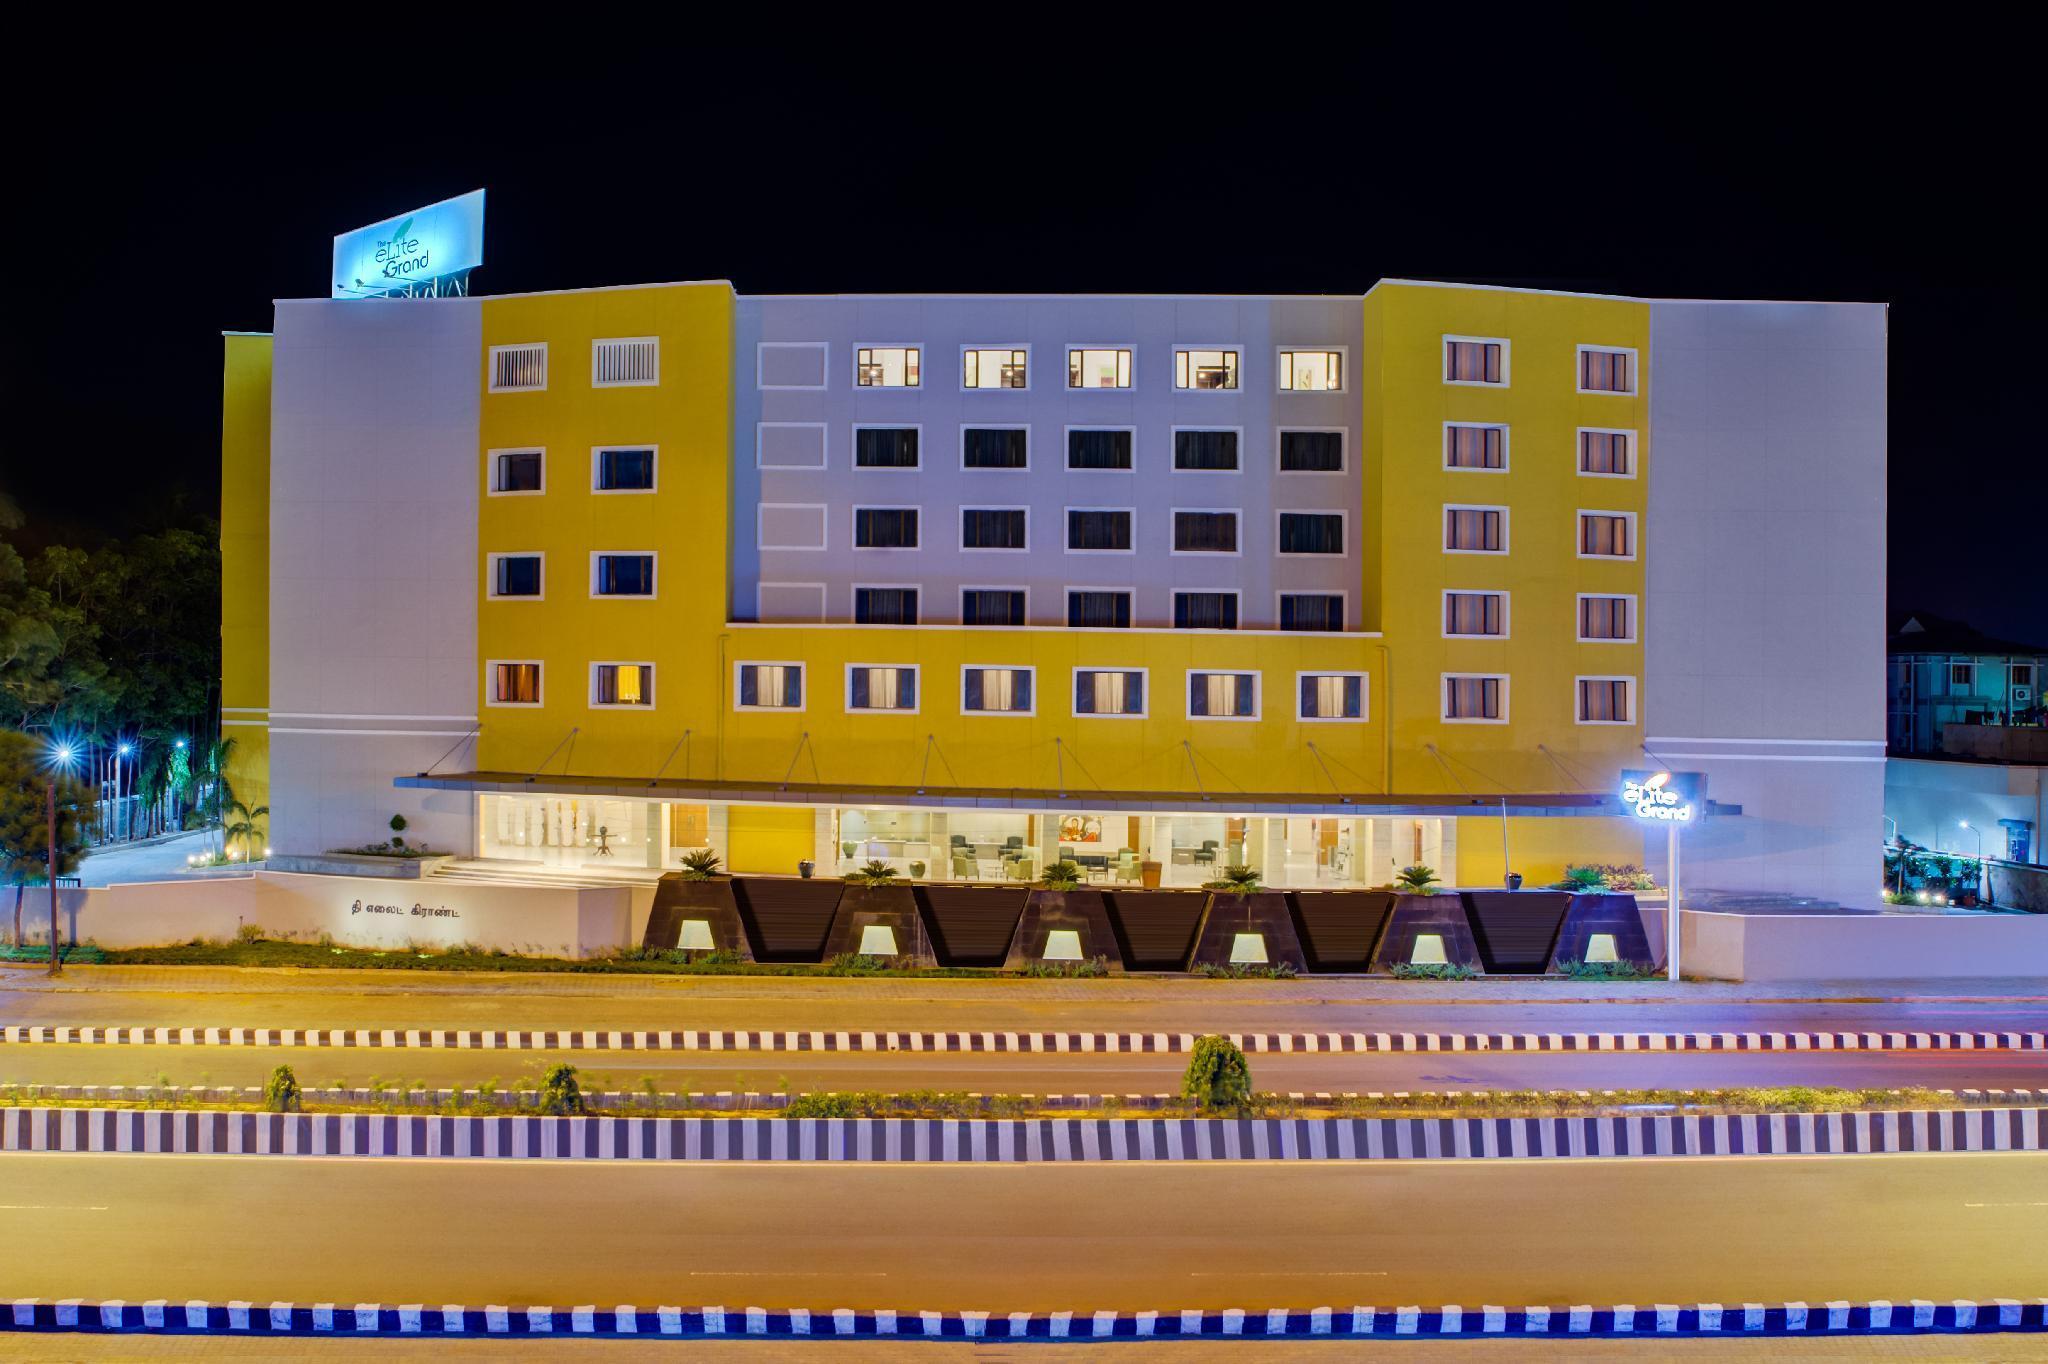 The Elite Grand Chennai